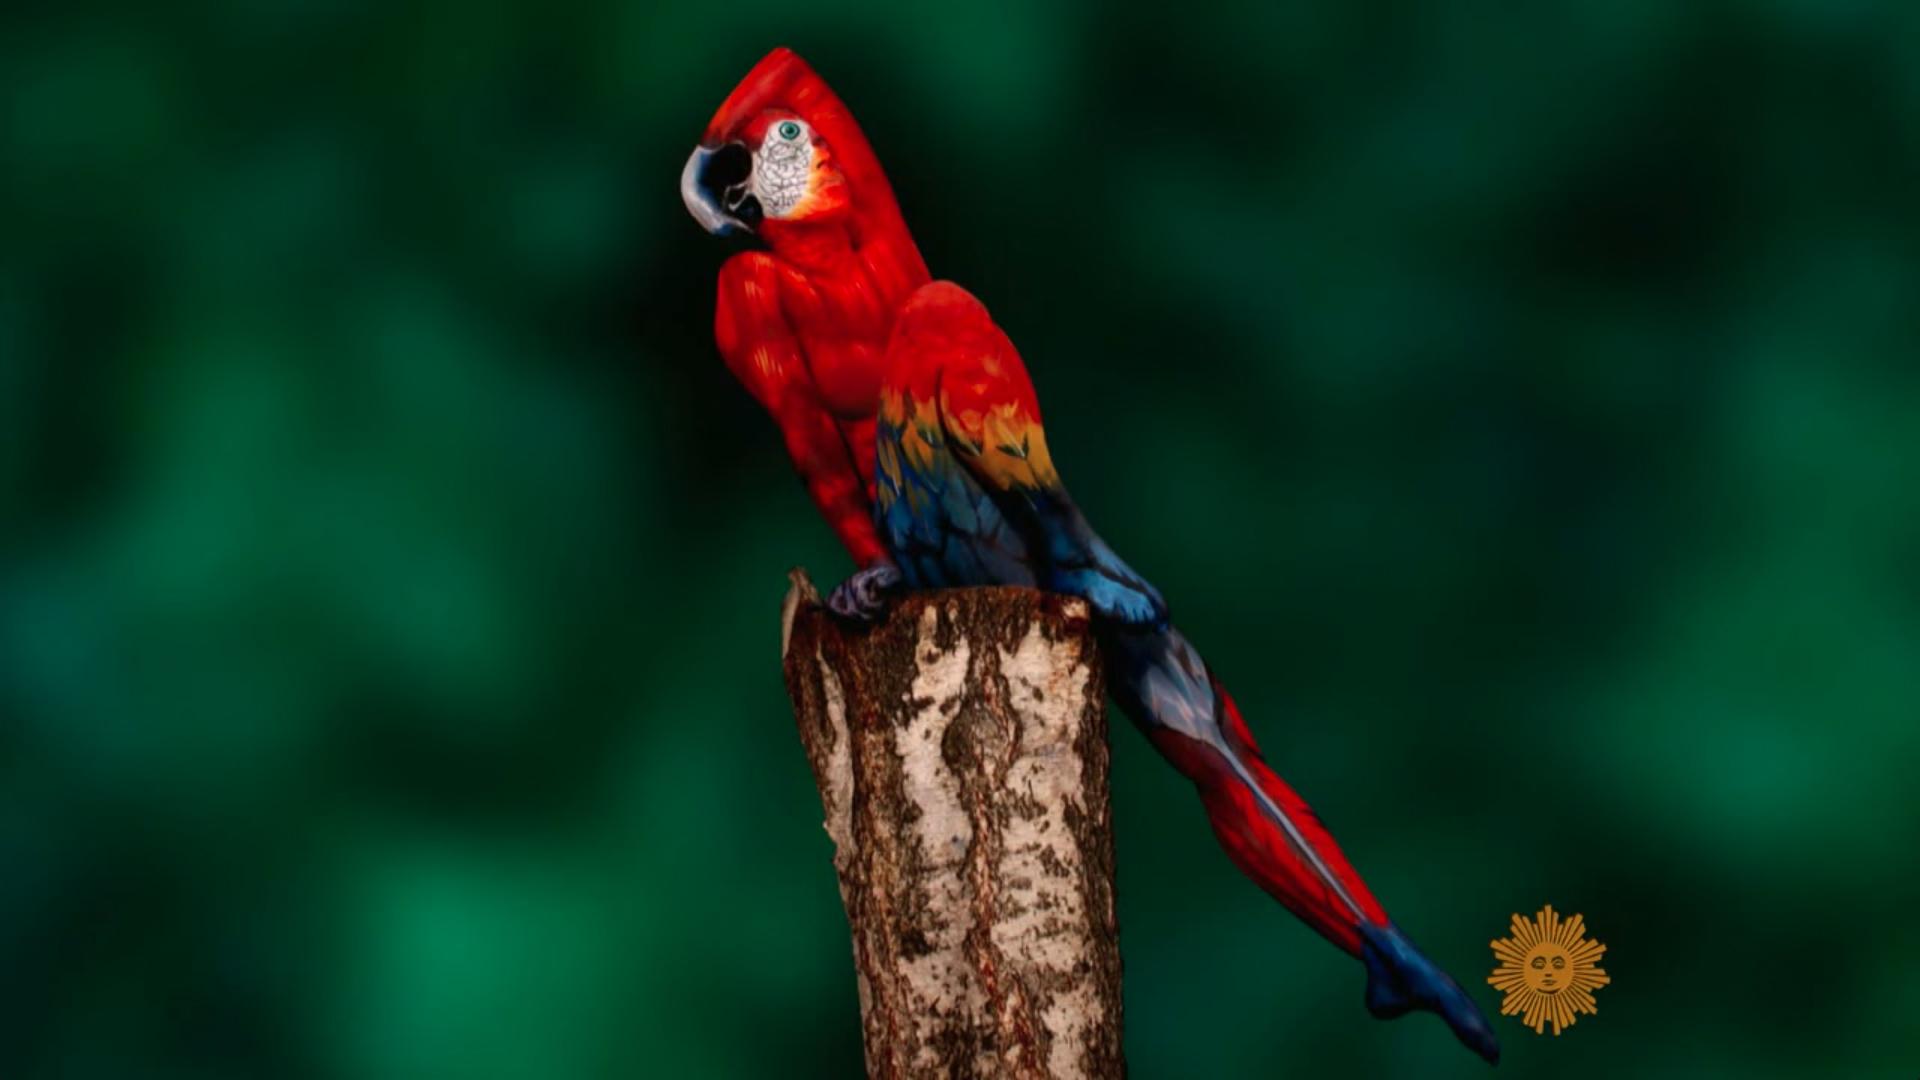 body paint artist Johannes Stötter - Stotter - parrot